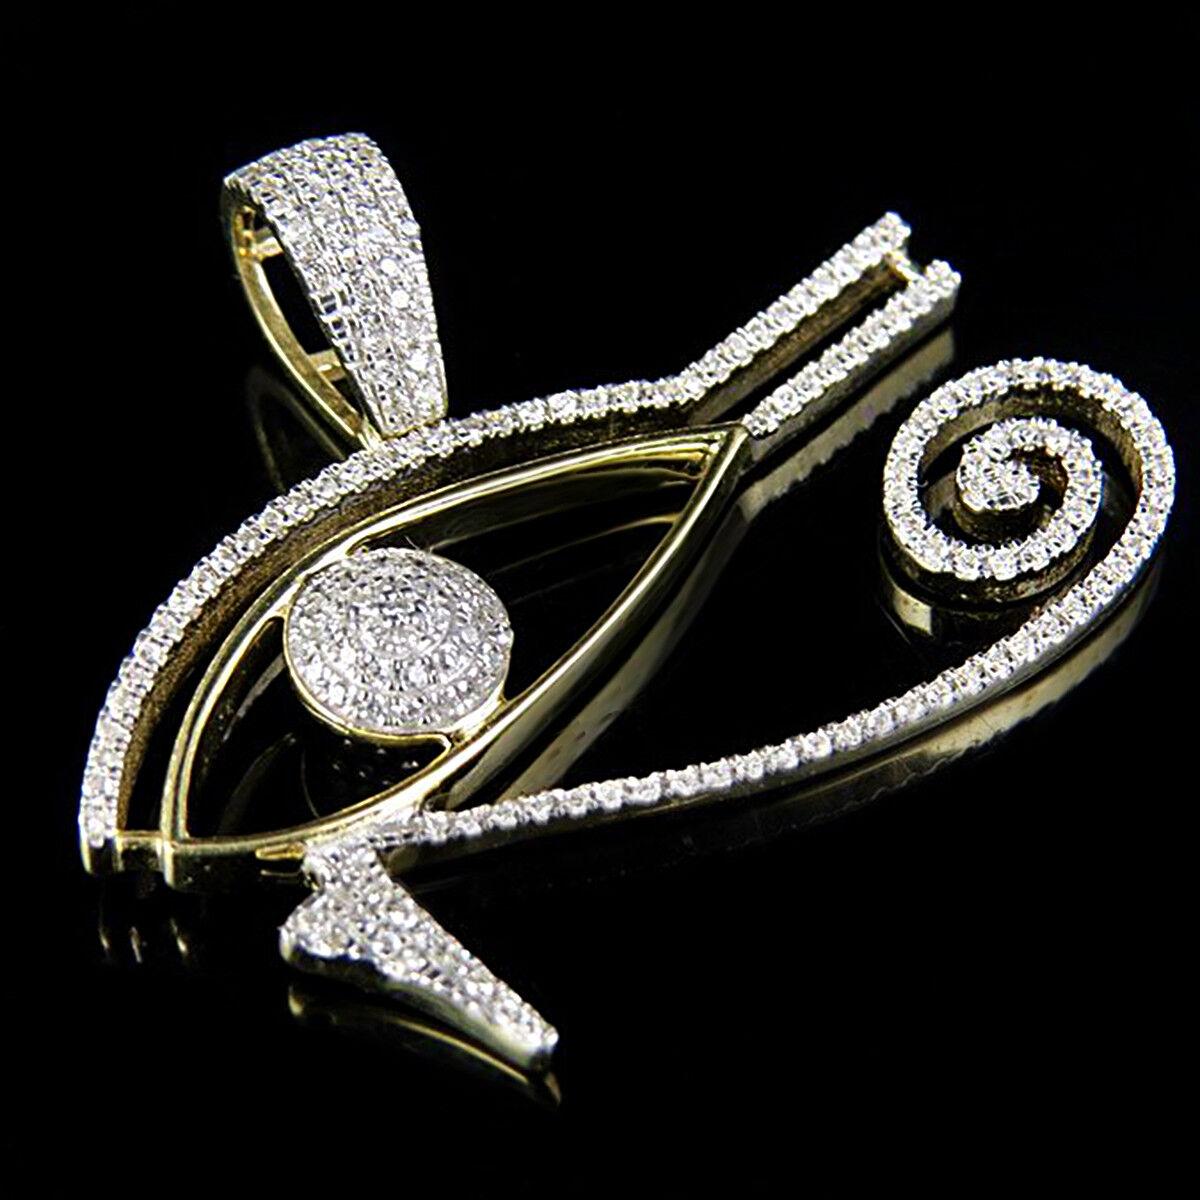 Men's 14K Yellow gold Over VVS1 Diamond Eye Of Horus Pendant Charm 0.50 Ct